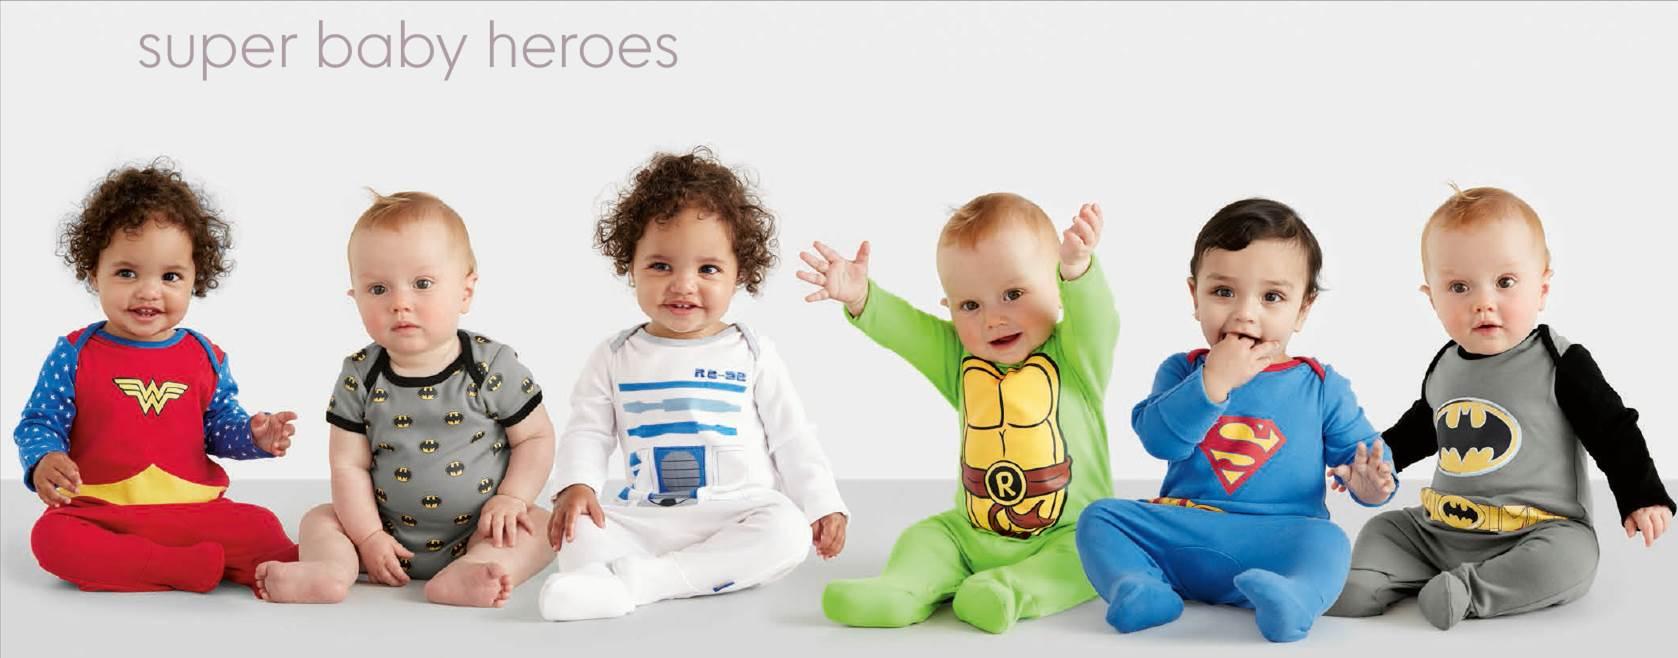 Super hero babies